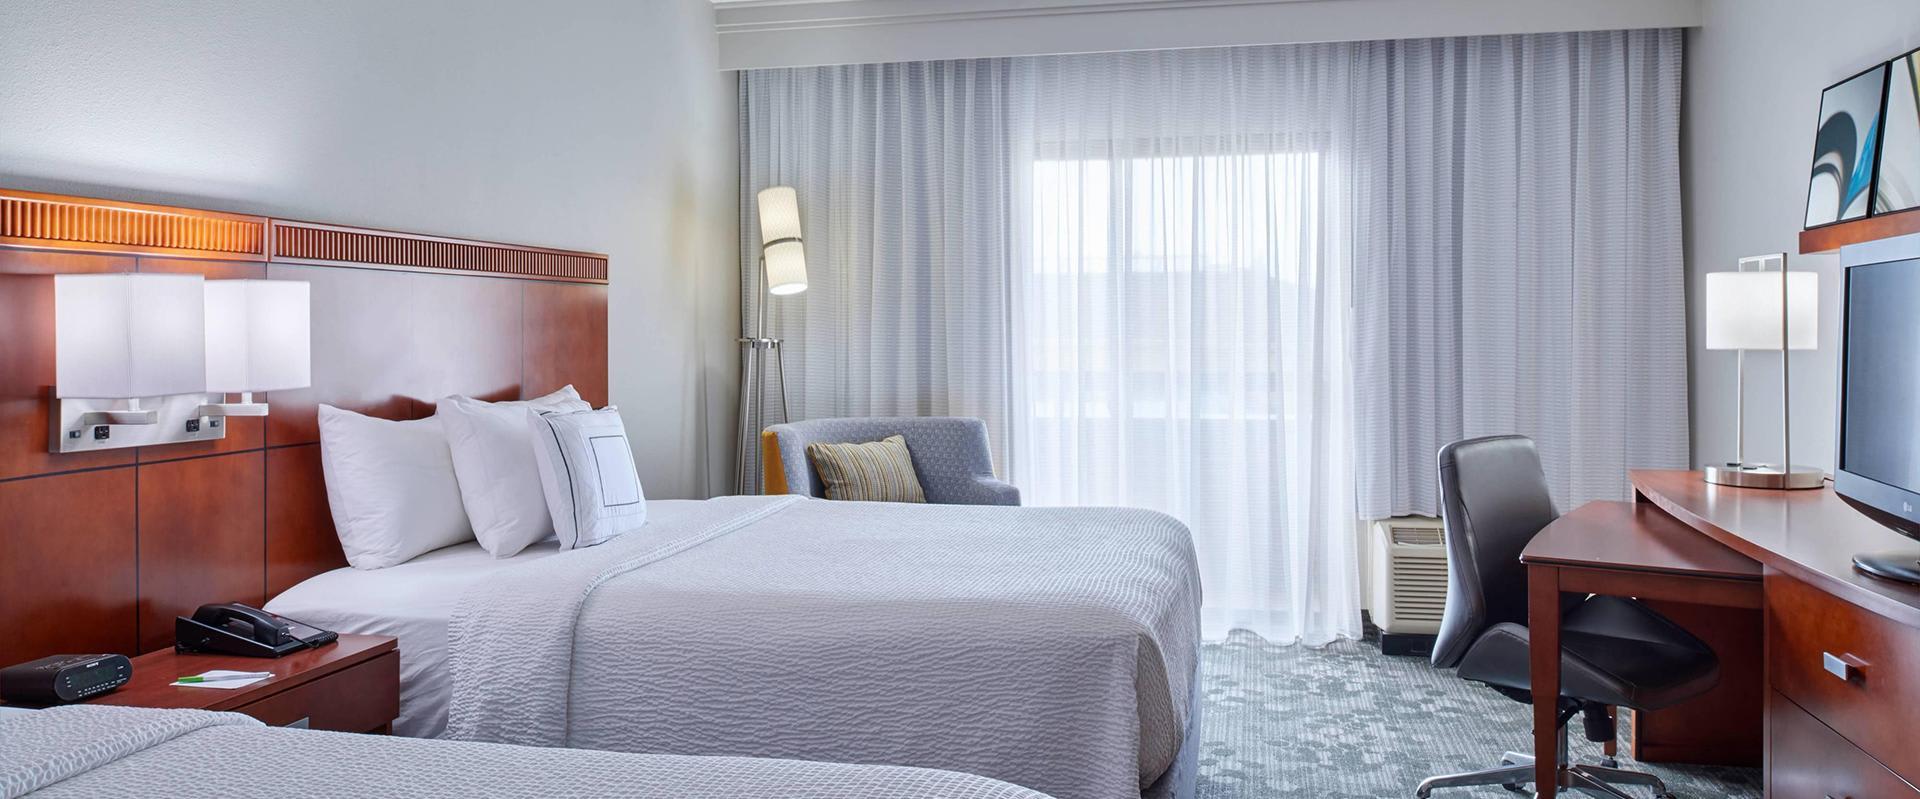 Two Bed Queen Guestroom